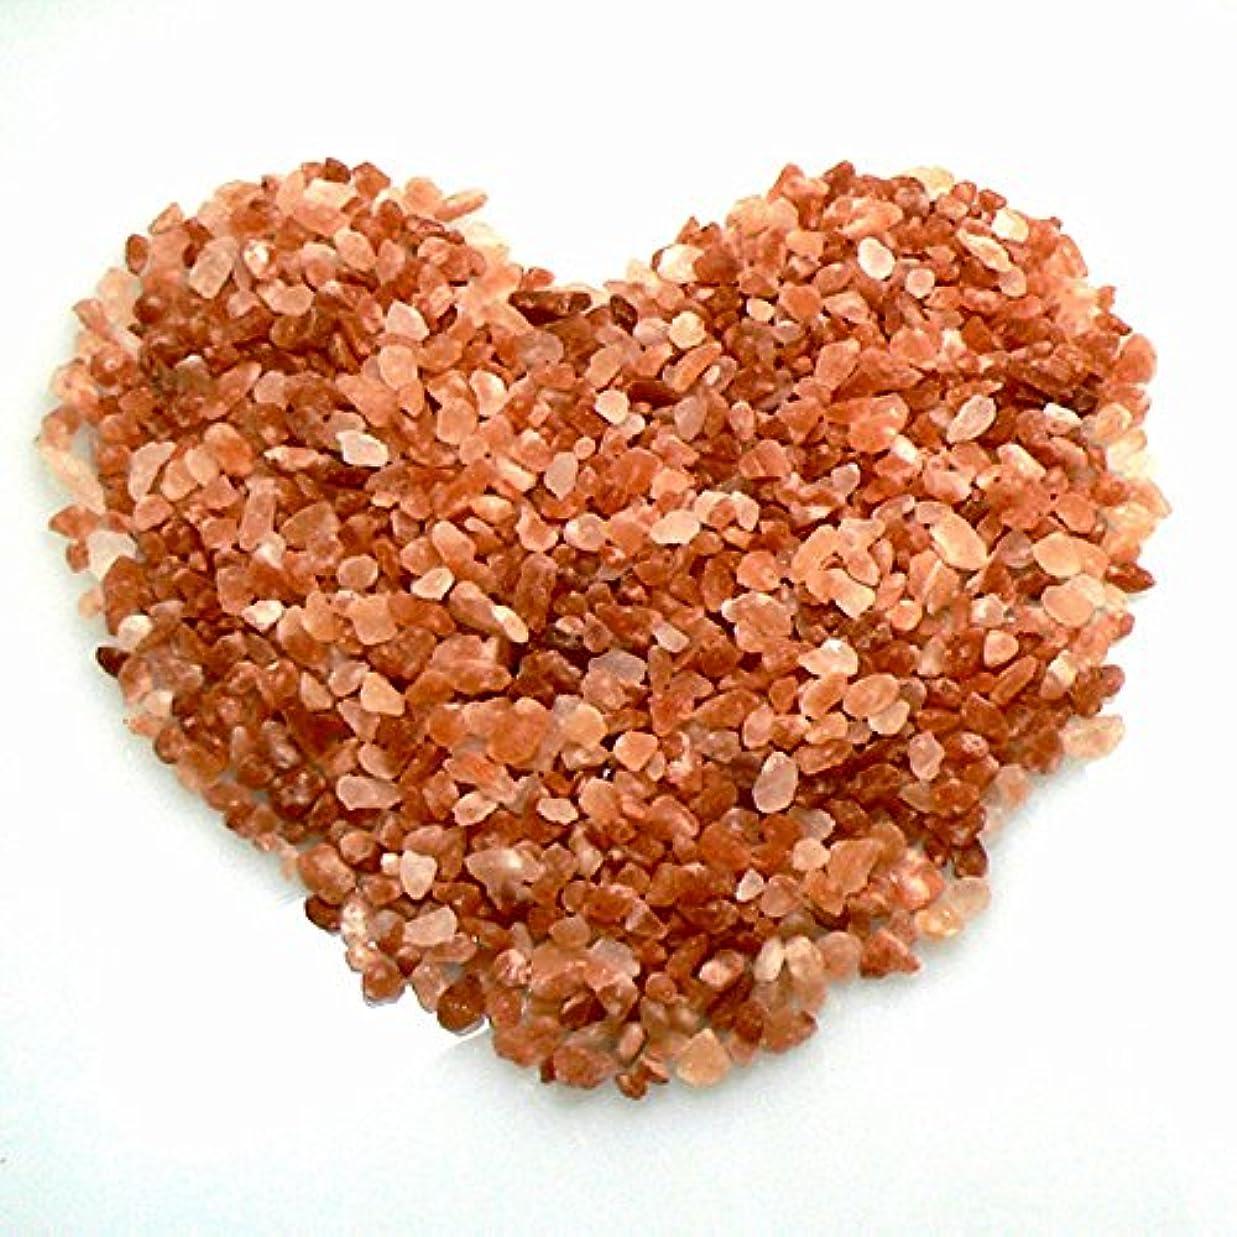 アーチ子結婚式ヒマラヤ岩塩 ピンクソルト 入浴用 バスソルト(小粒)5kg ピンク岩塩